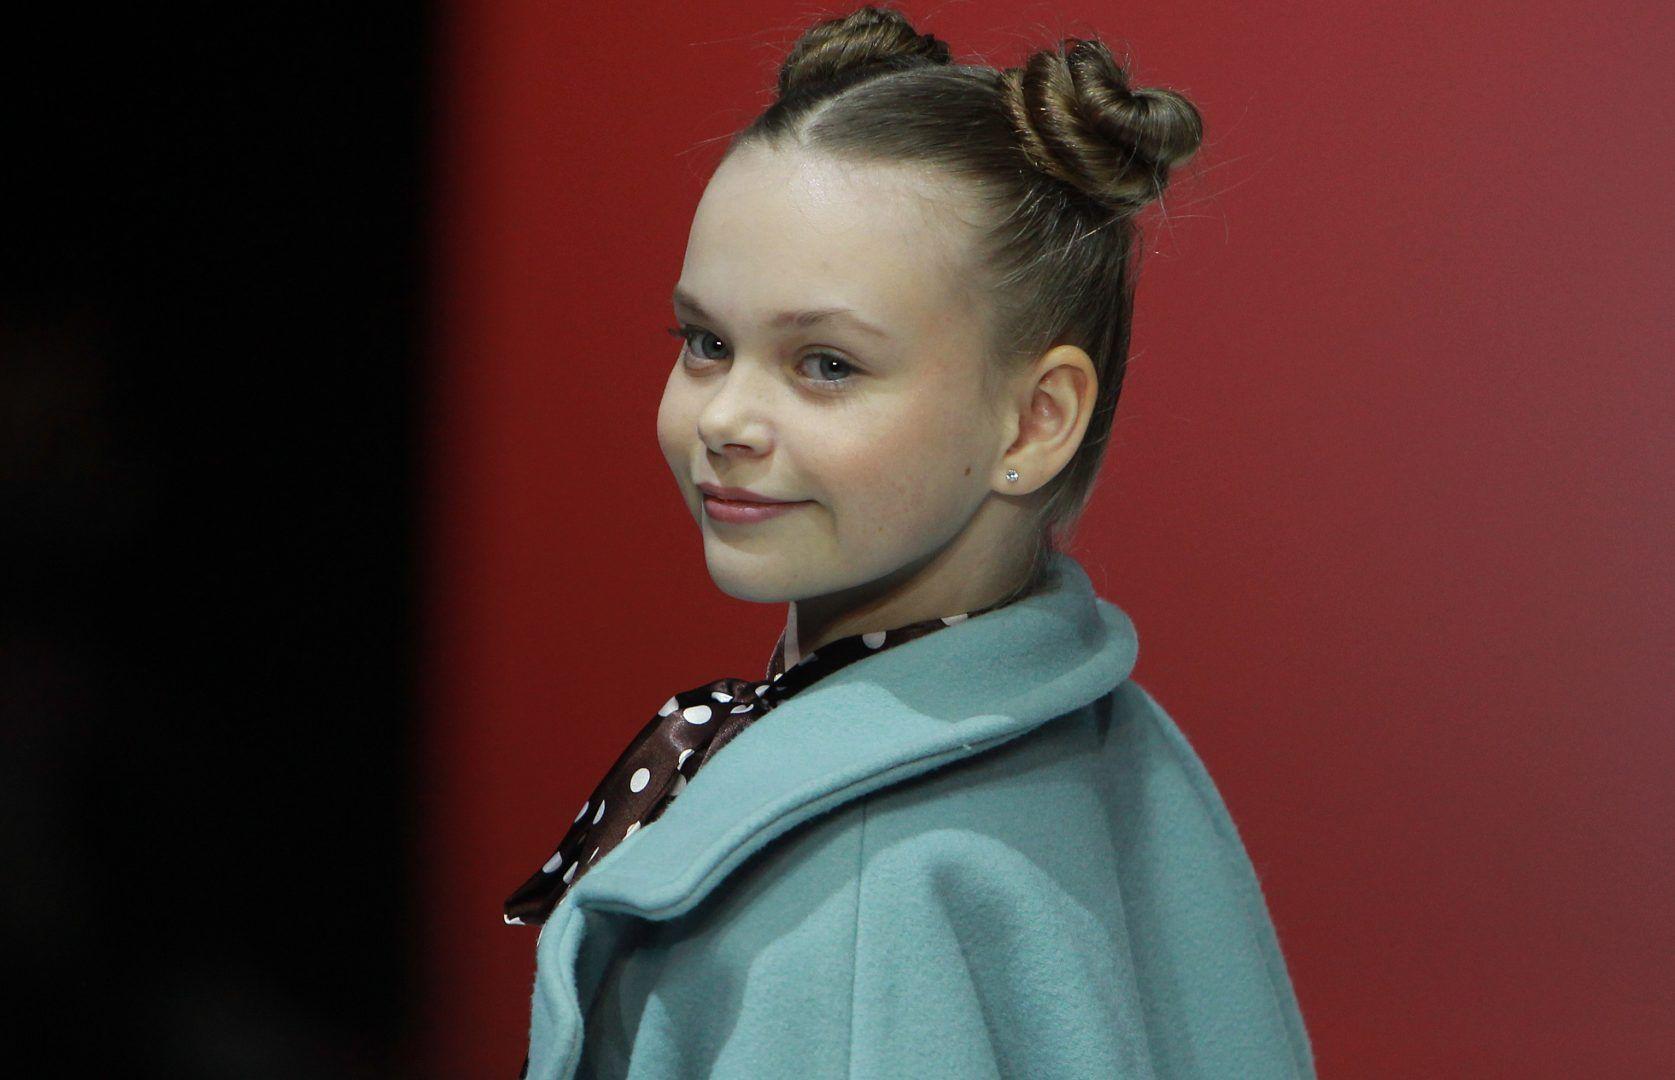 Юные дизайнеры из Первомайского создадут одежду. Фото: Наталия Нечаева, «Вечерняя Москва»